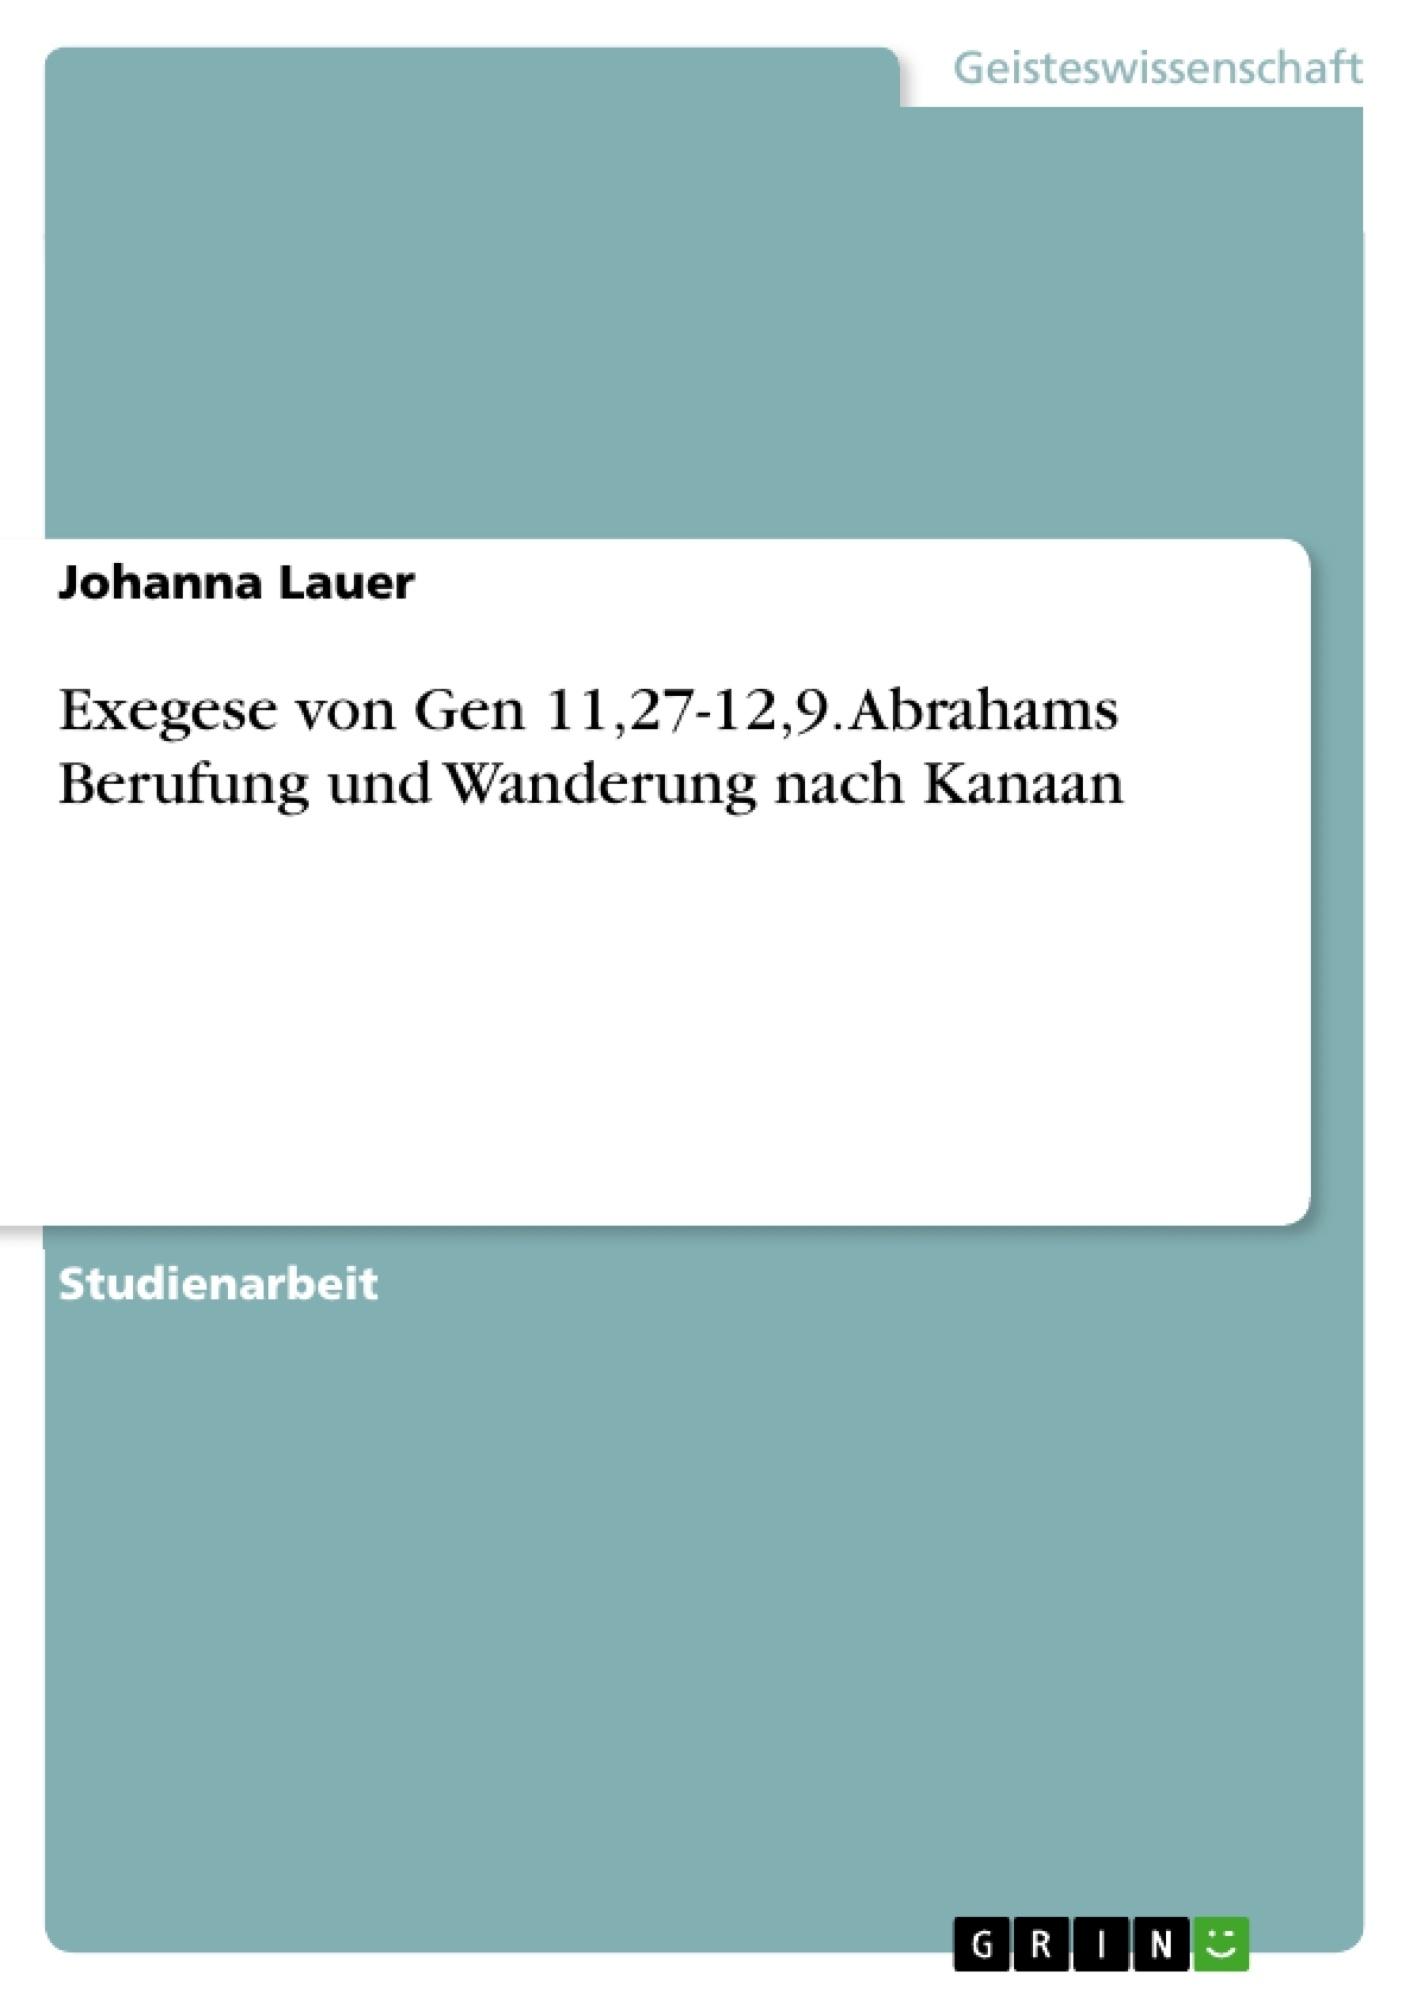 Titel: Exegese von Gen 11,27-12,9. Abrahams Berufung und Wanderung nach Kanaan